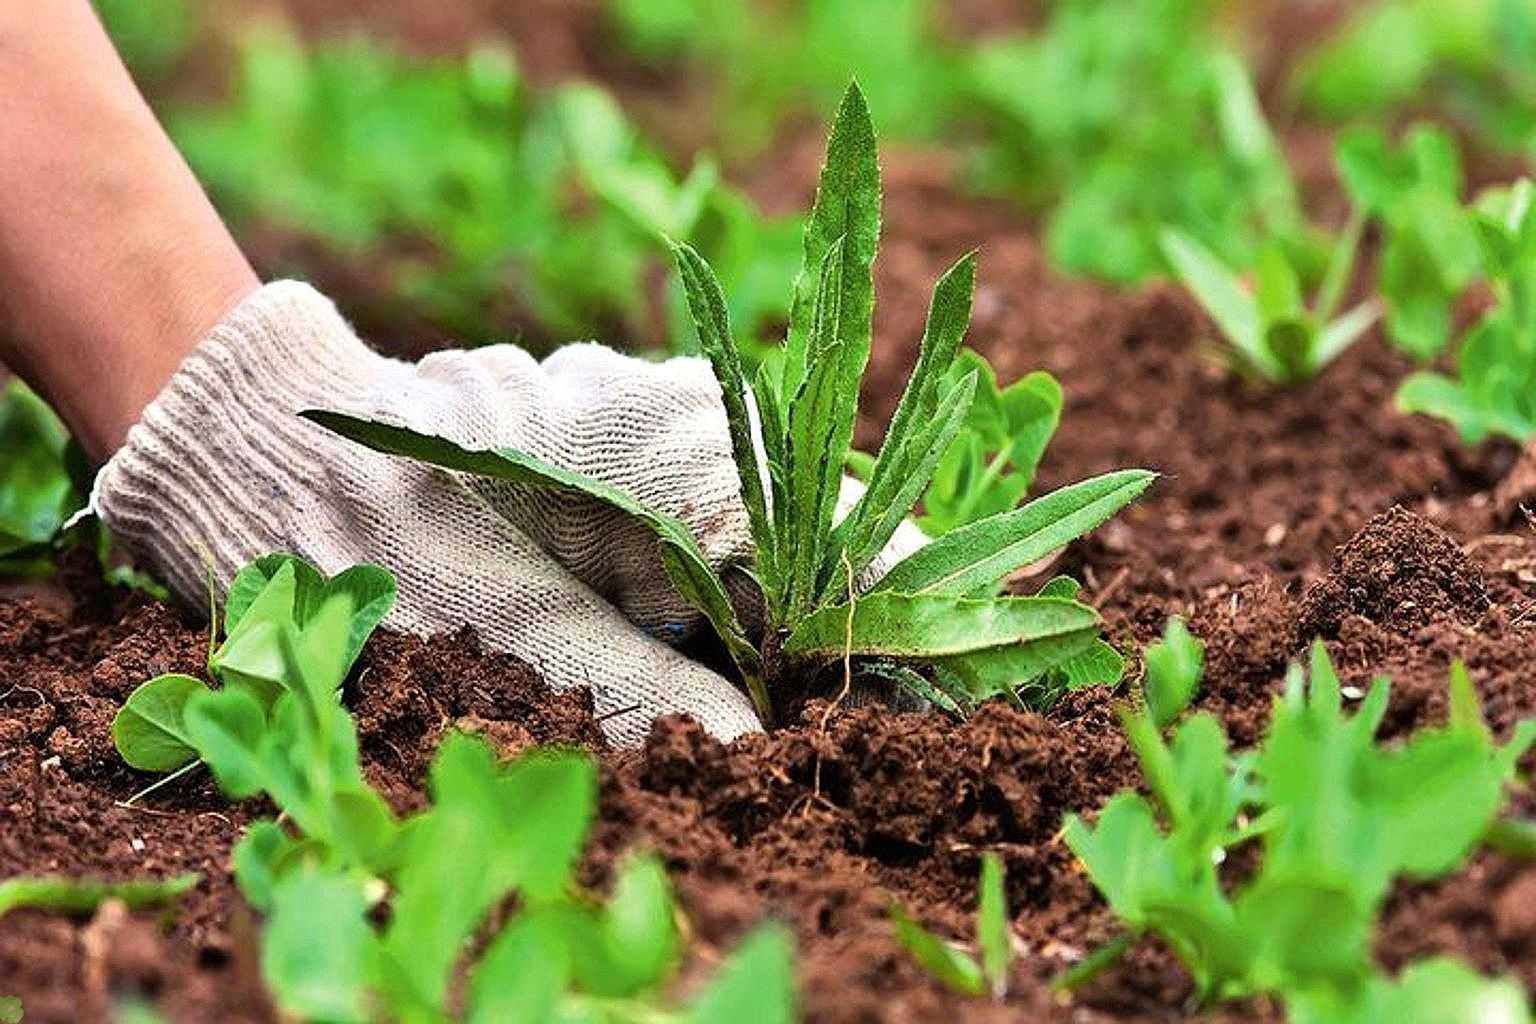 Сорняки способны «подсказать» места для посадки огородных растений